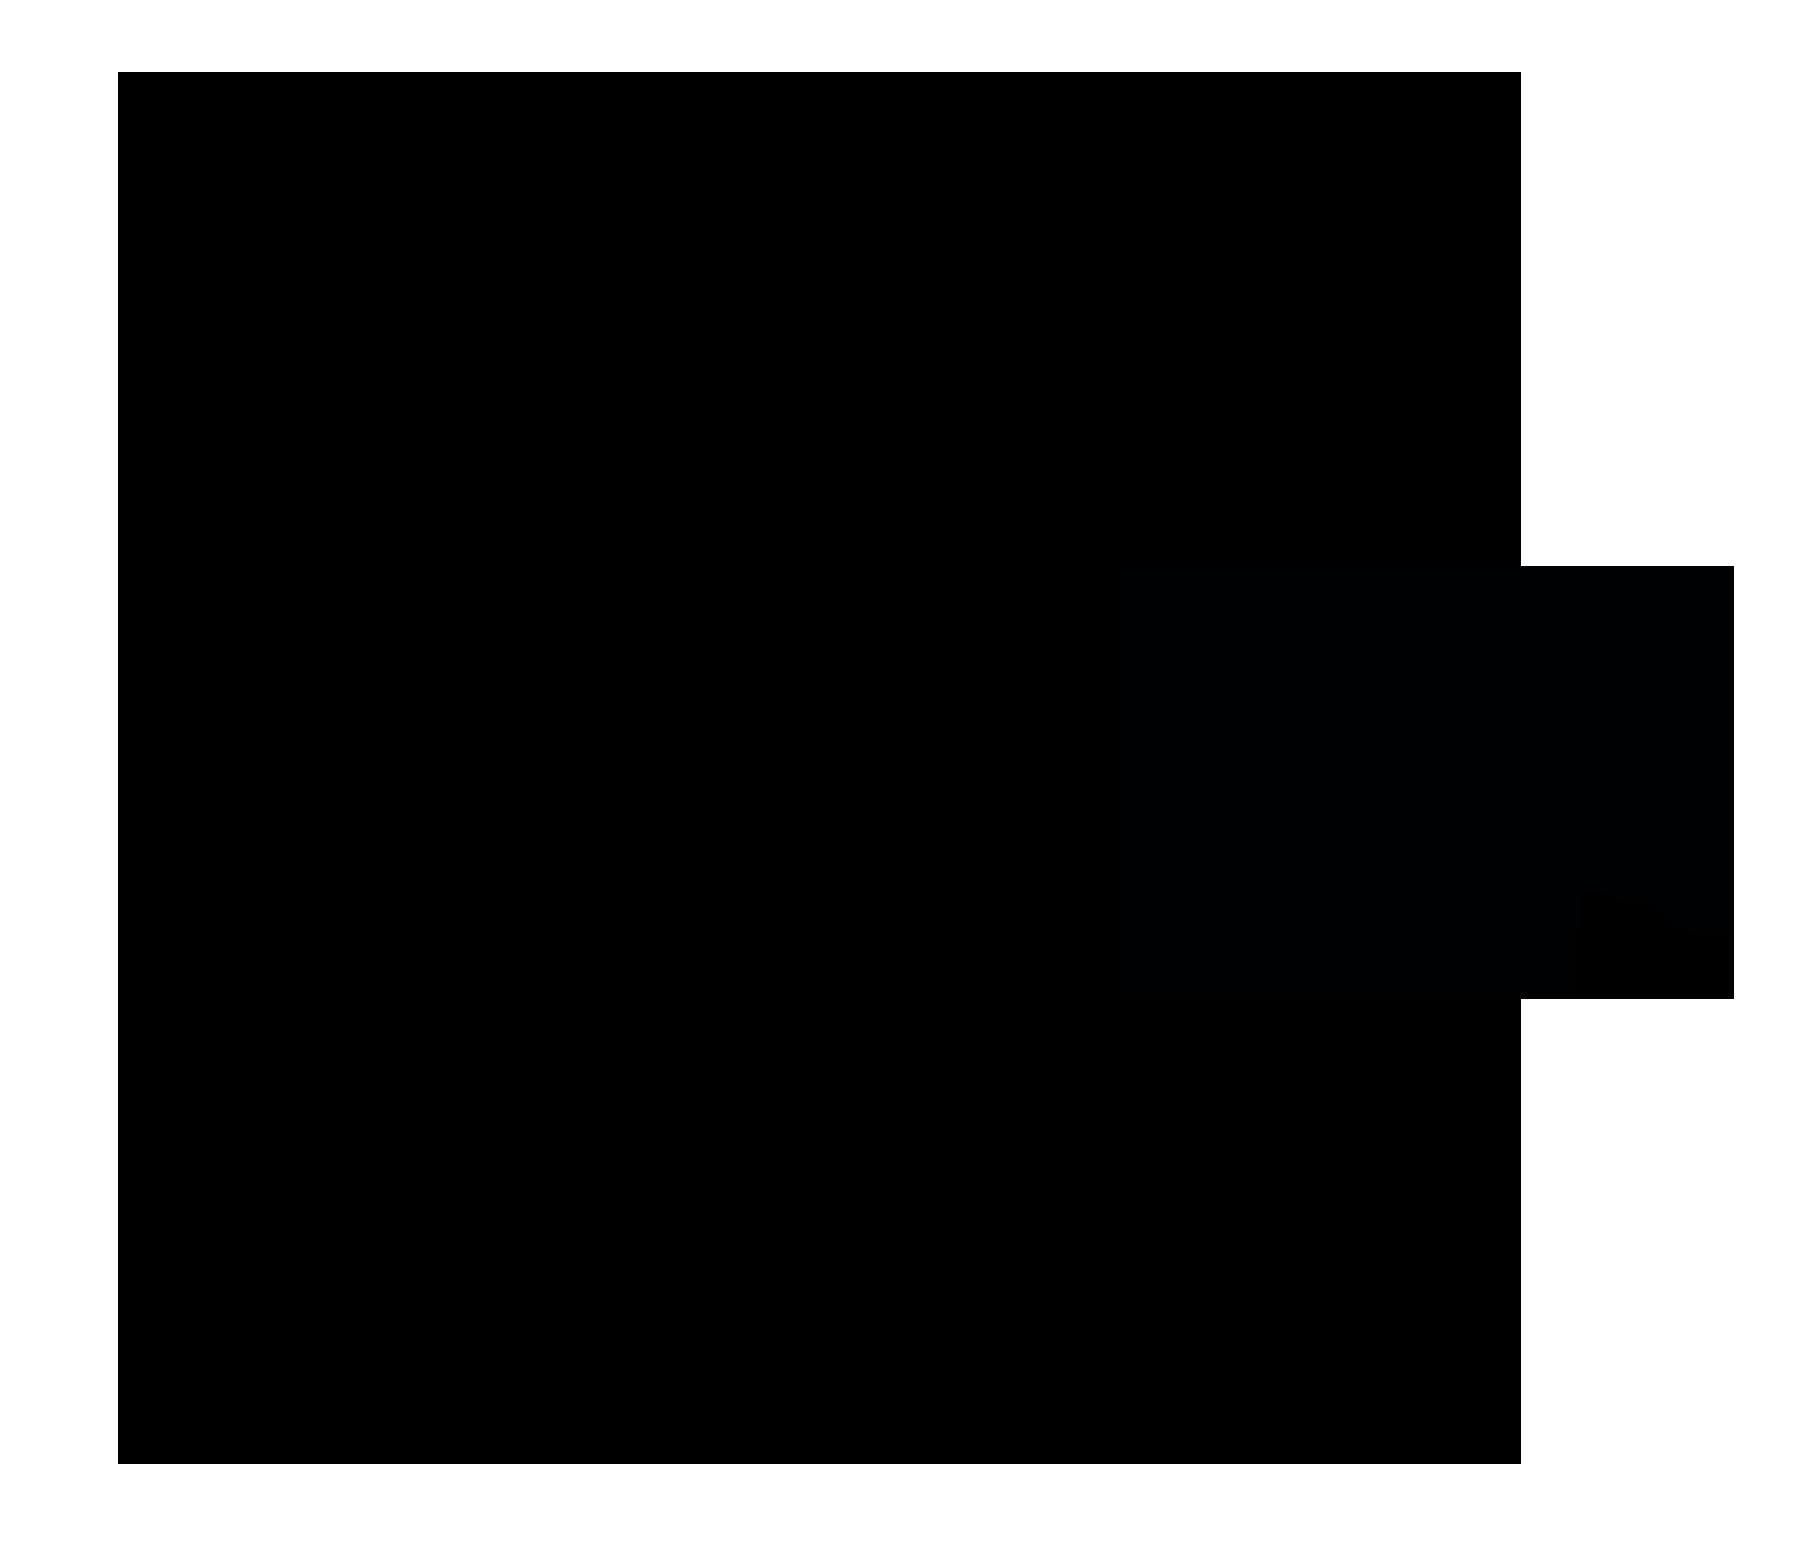 KFF19-bw-logo_KFF19logo_psd.png